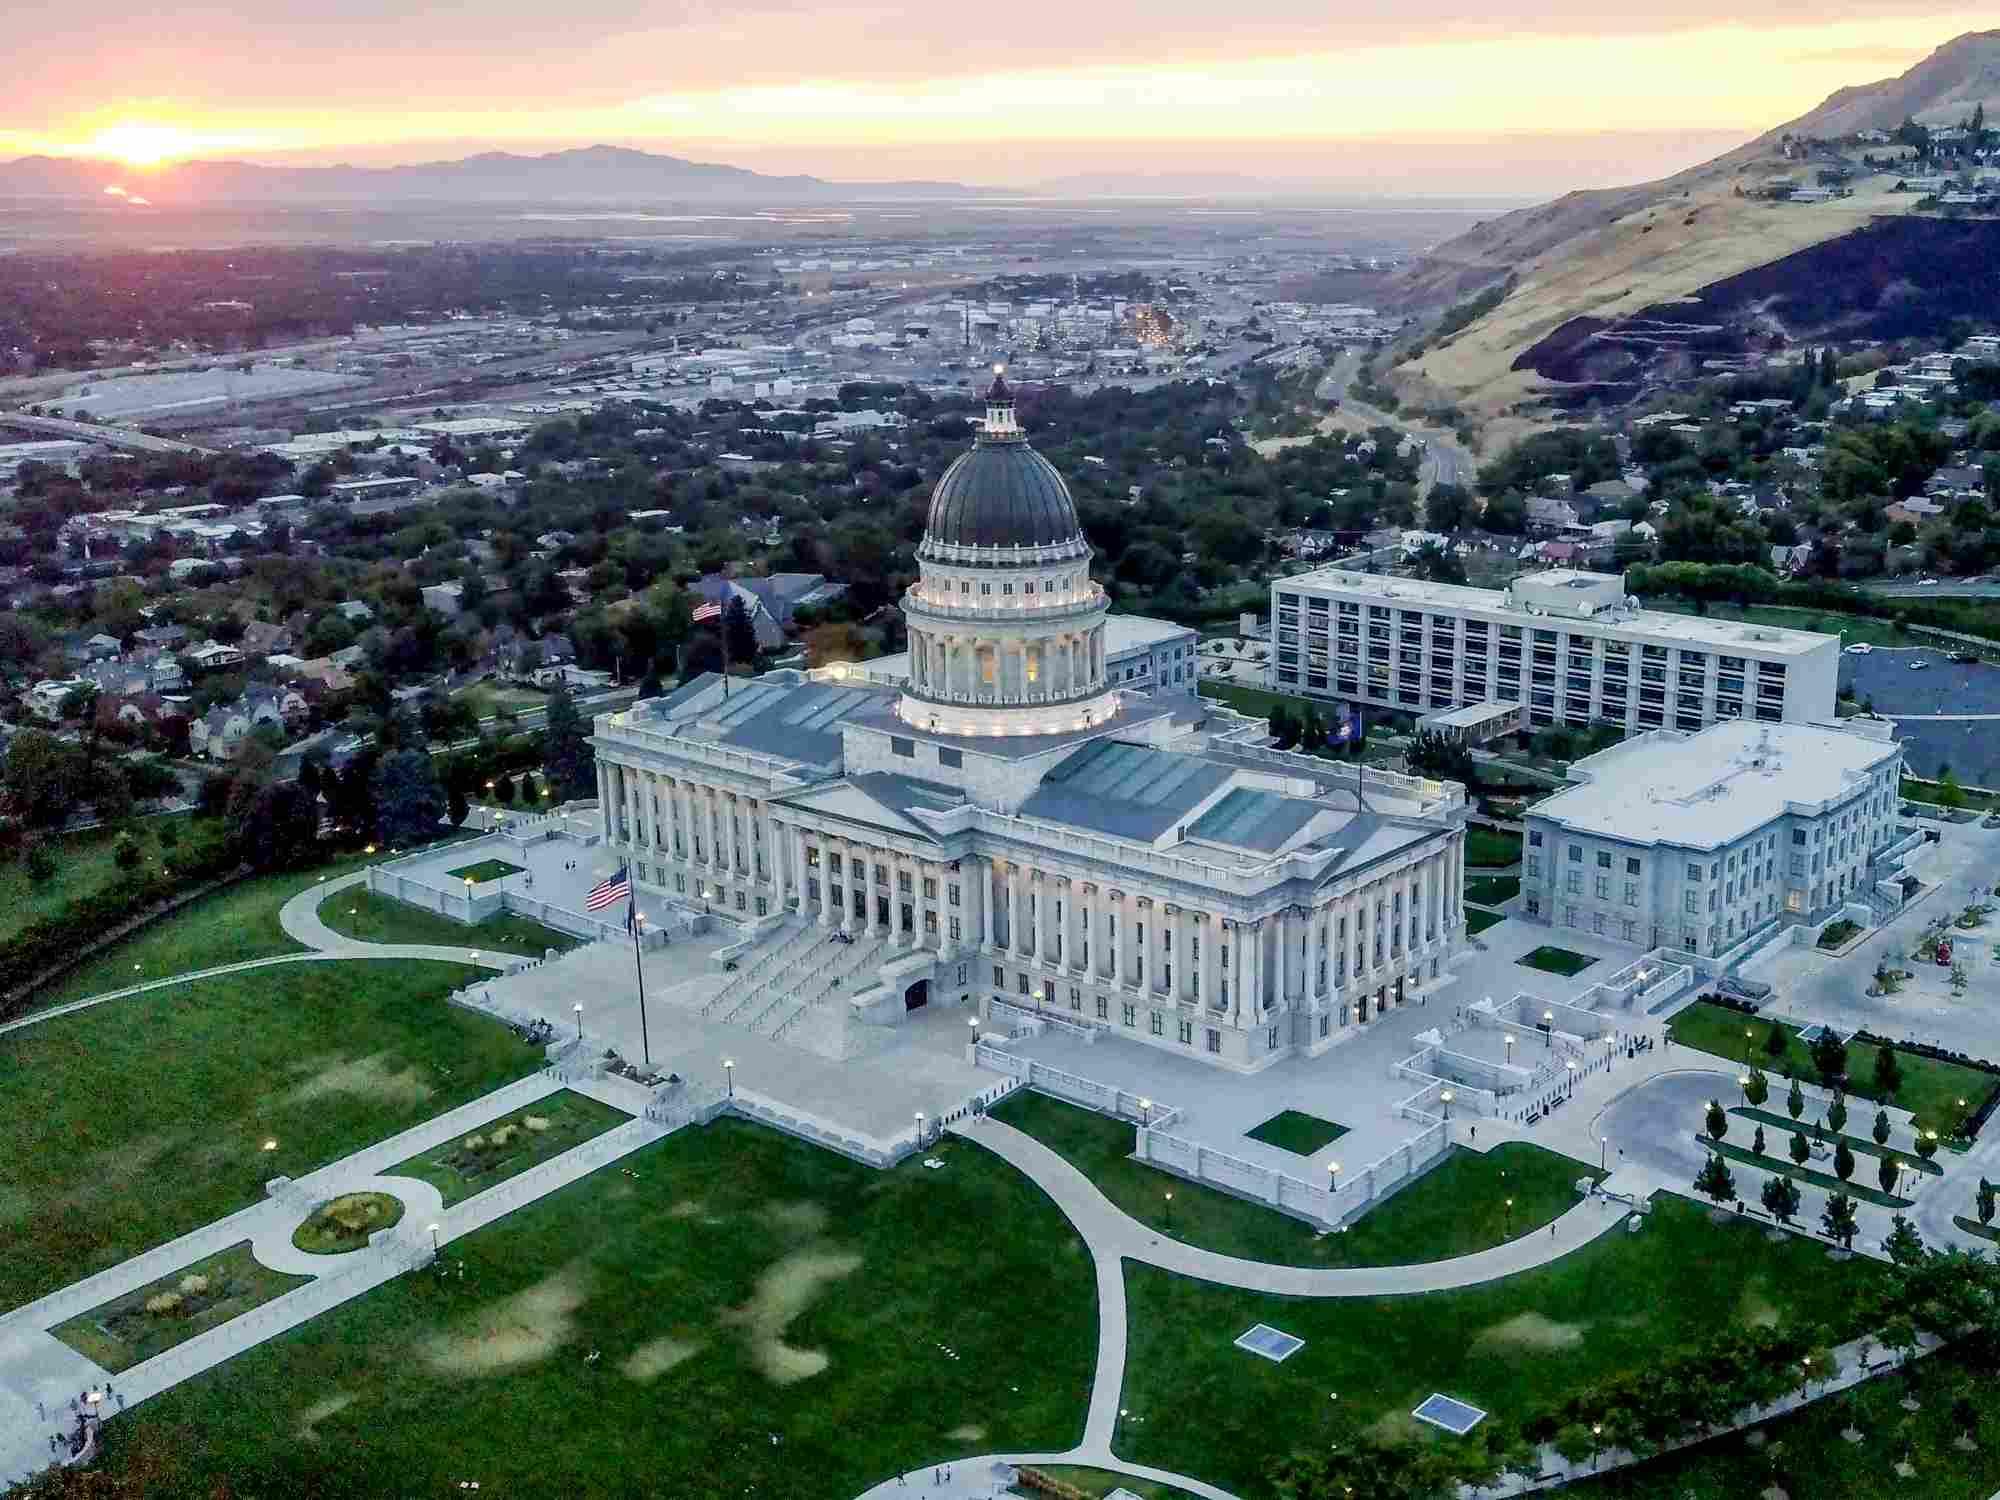 Aerial Shot of the Utah State Capitol Building and Downtown Salt Lake City Utah